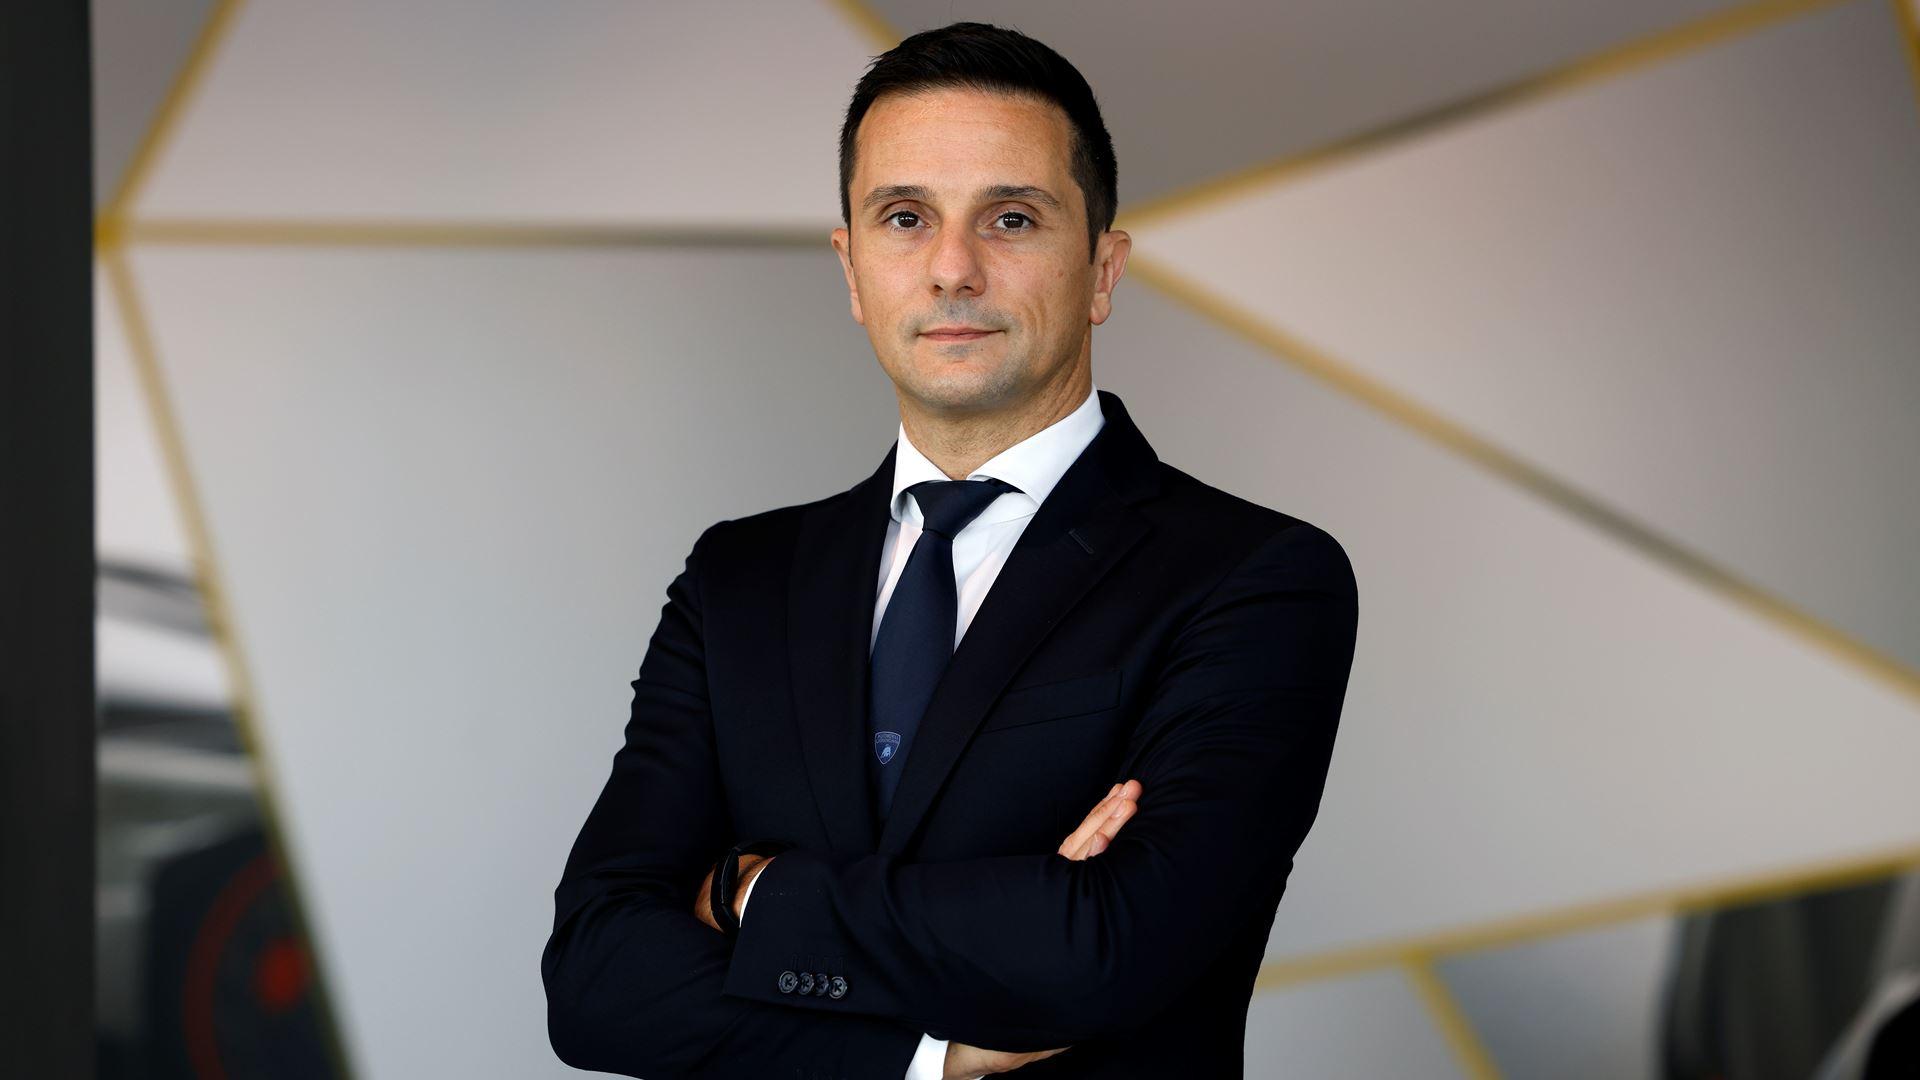 Paolo Gabrielli new Chief Procurement Officer at Automobili Lamborghini - Image 2